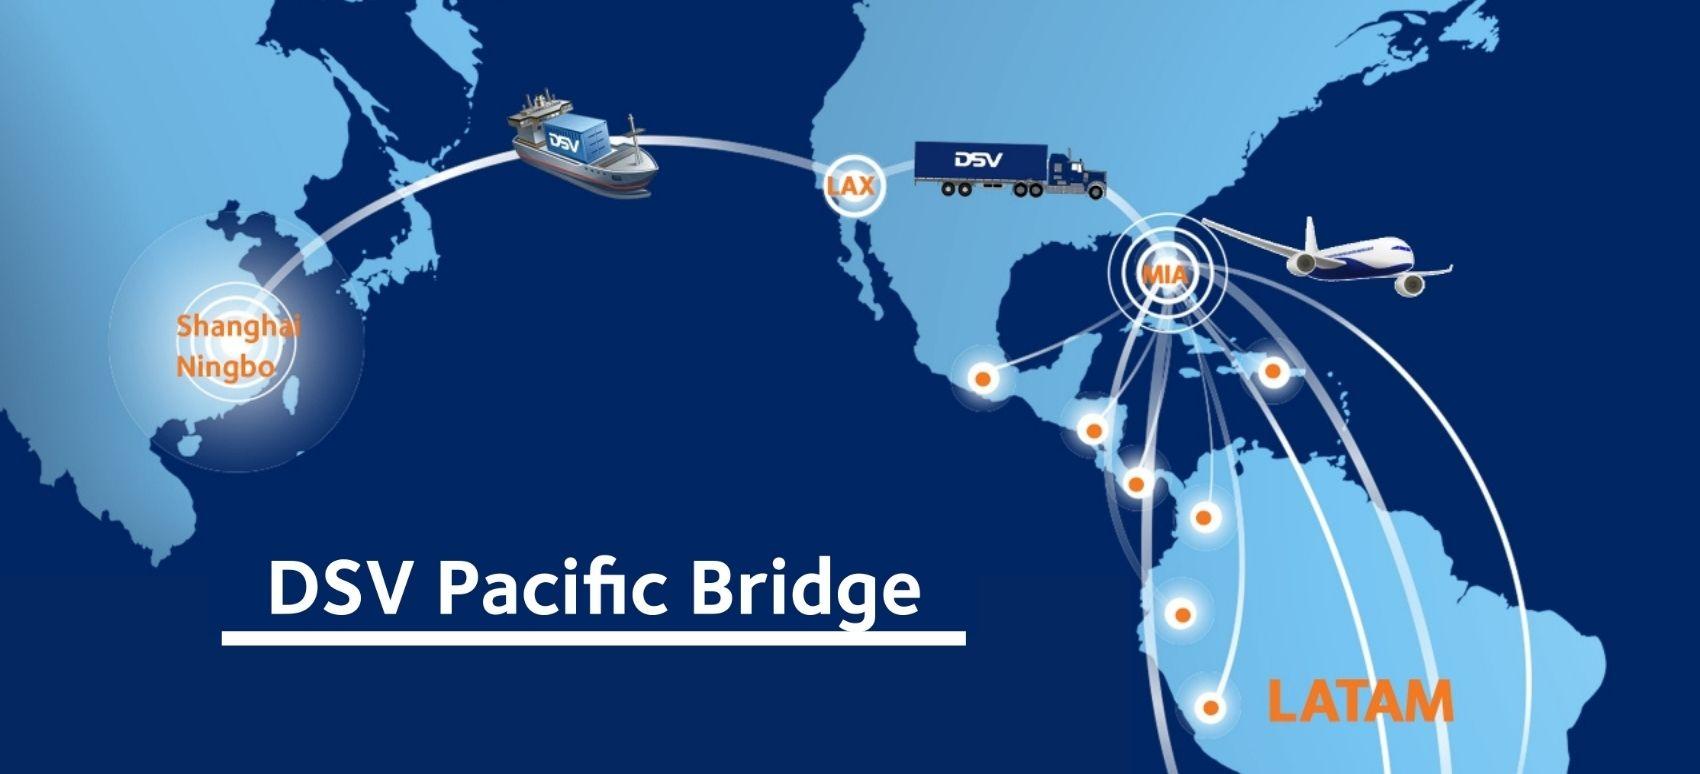 Pacific Bridge: Solución multimodal de China a LATAM | DSV